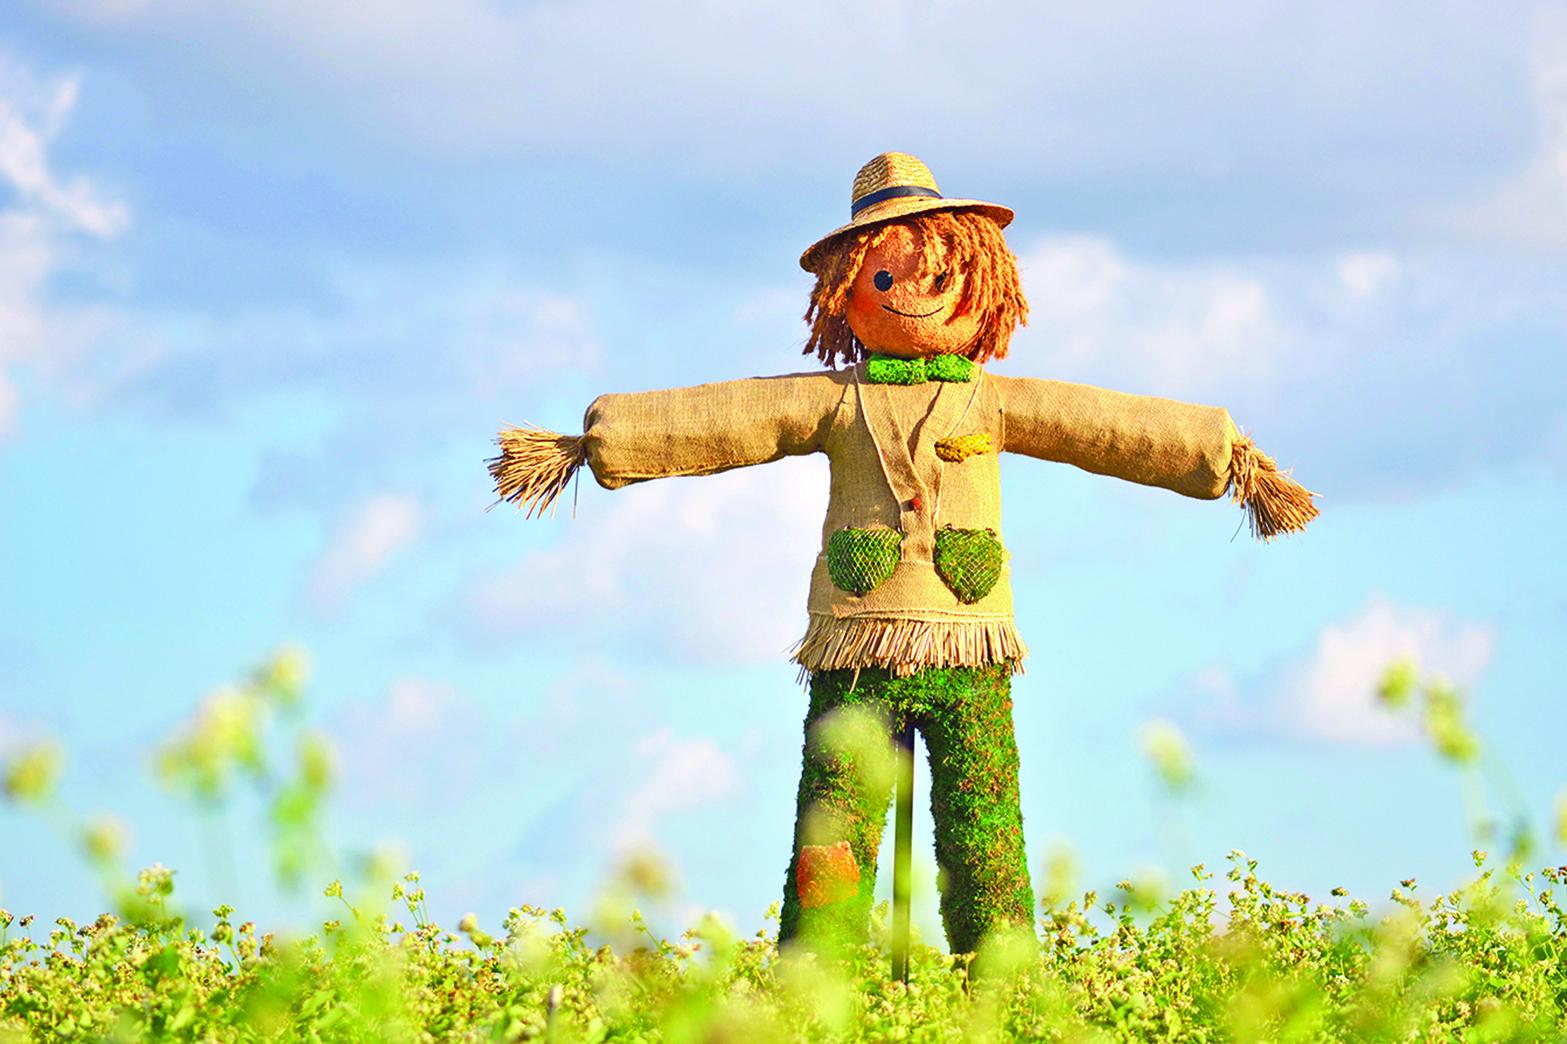 ……我們鬥的地主一直就是這個草人,剛開始,草人紮得很像很像,後來,每開一次會,草人就變一次樣……